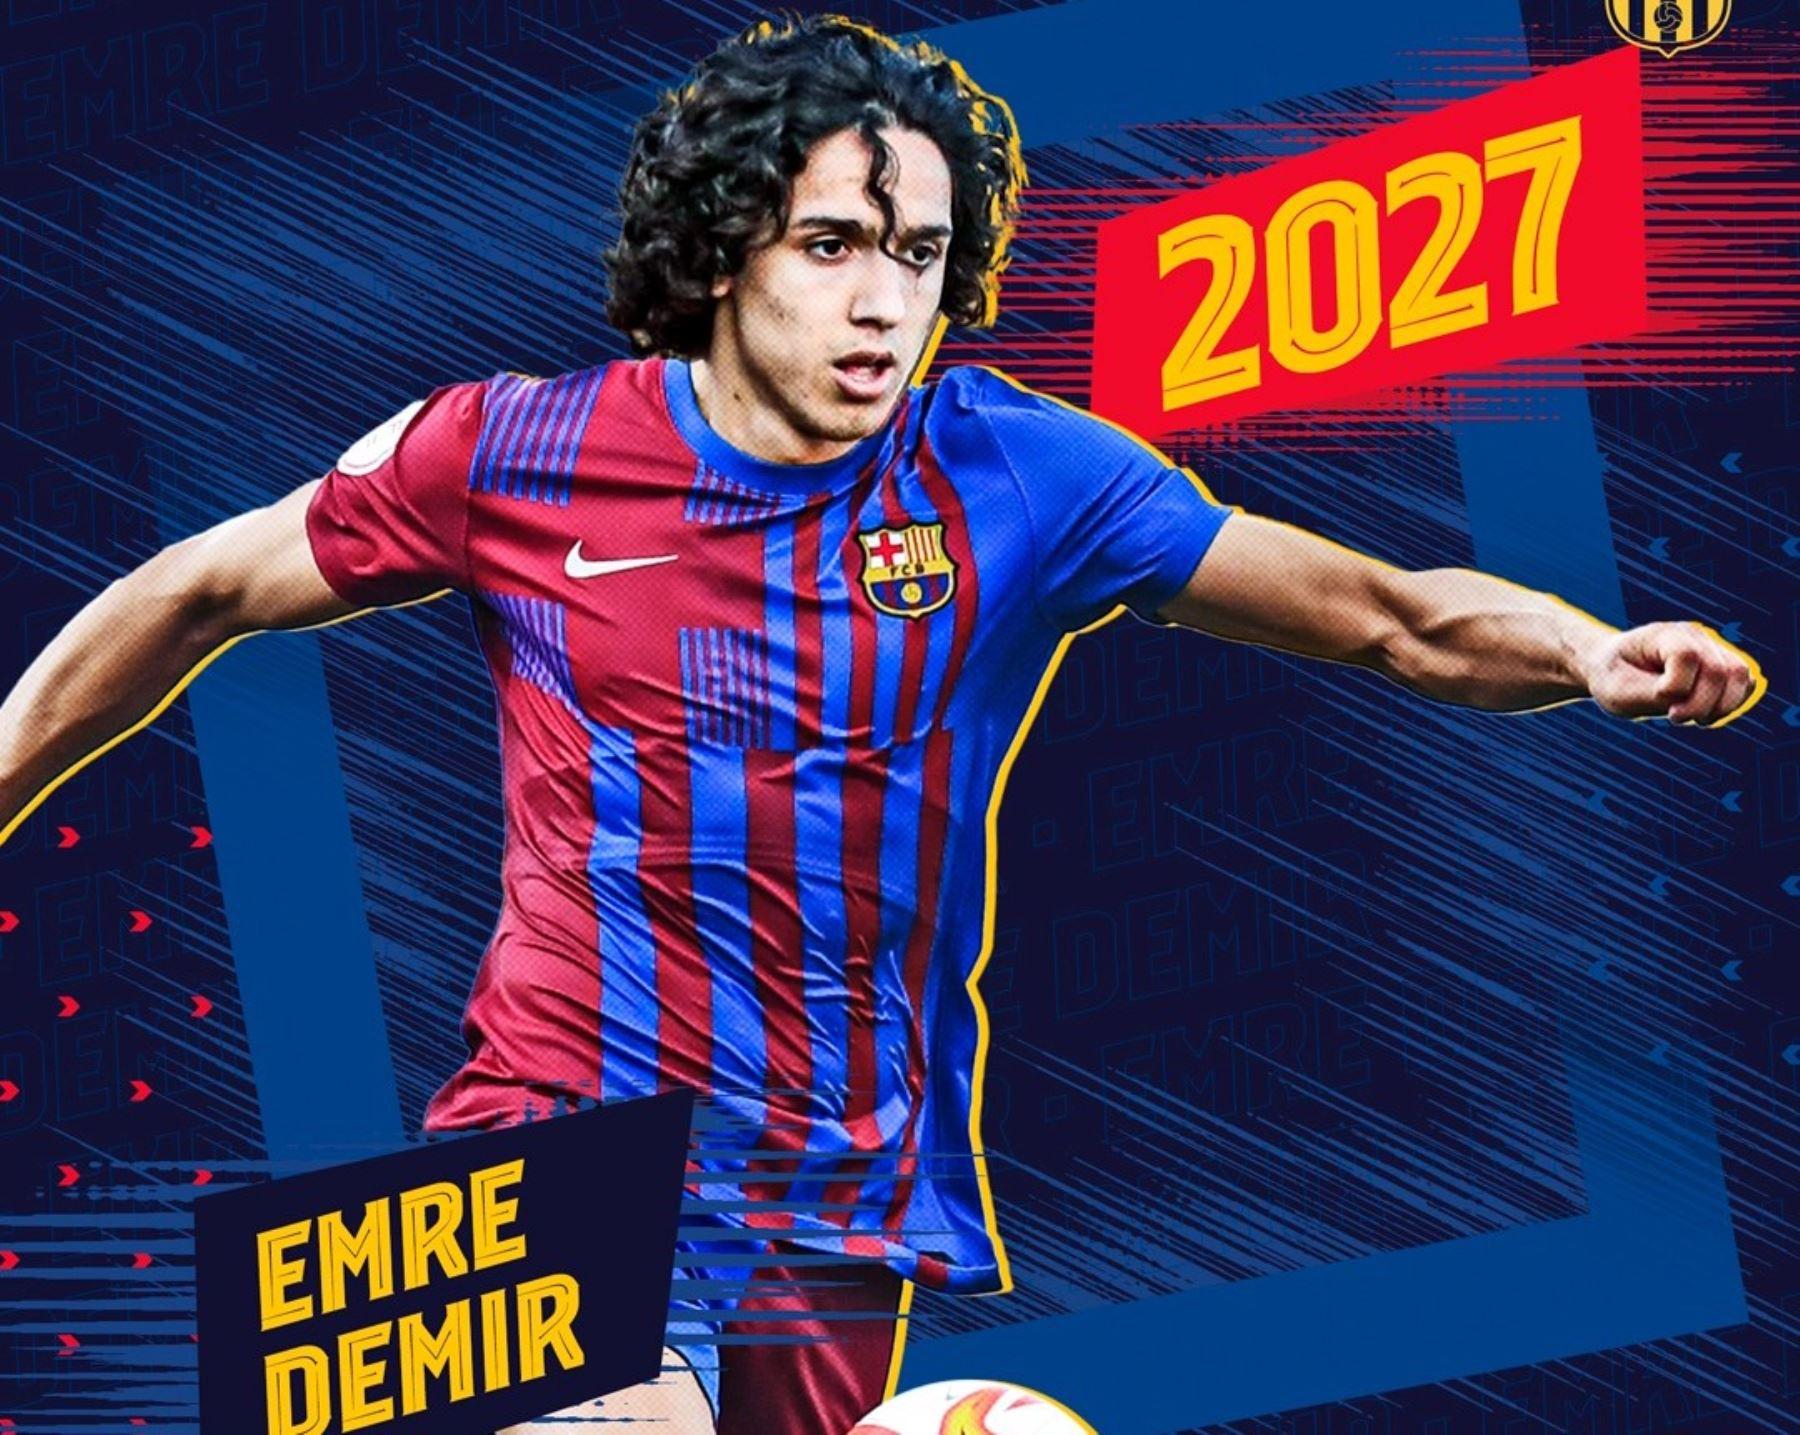 El turco Emre Demir firmó por el Barcelona hasta el 2027.